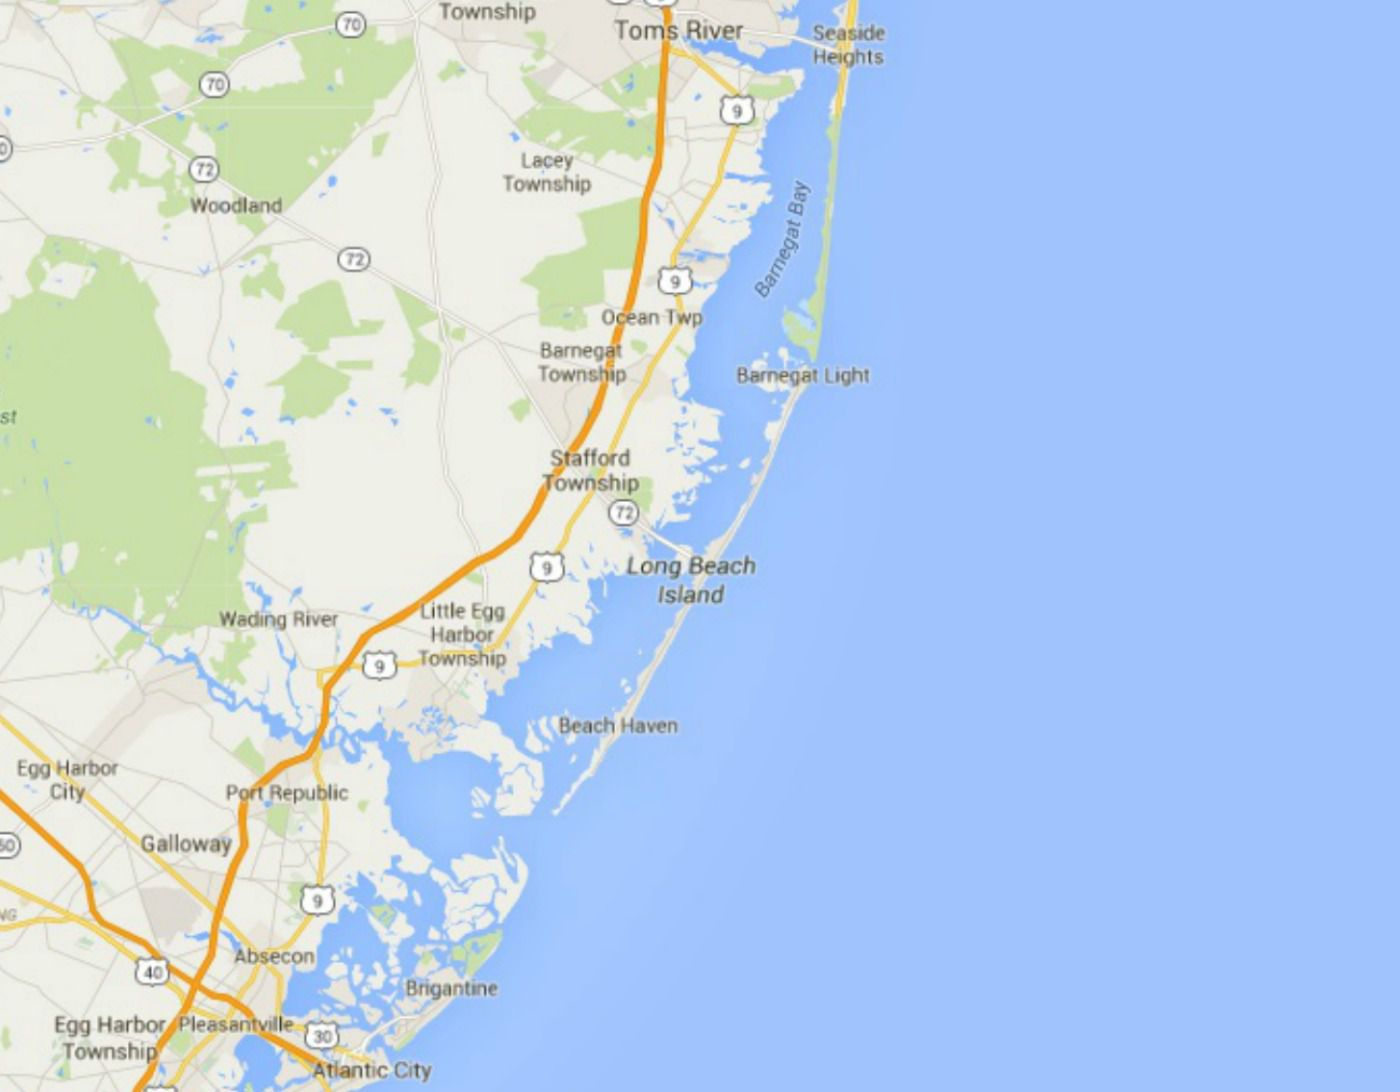 Maps of the New Jersey S Seaside Nj Map on redding nj map, pittsburgh nj map, hawthorne nj map, salem nj map, springfield nj map, fairview nj map, washington county nj map, medford nj map, richmond nj map, orange nj map, jersey shore map, newport nj map, new jersey coast map, radburn nj map, crater lake nj map, florence nj map, great falls nj map, avon nj map, nj beach map, spring lake nj map,